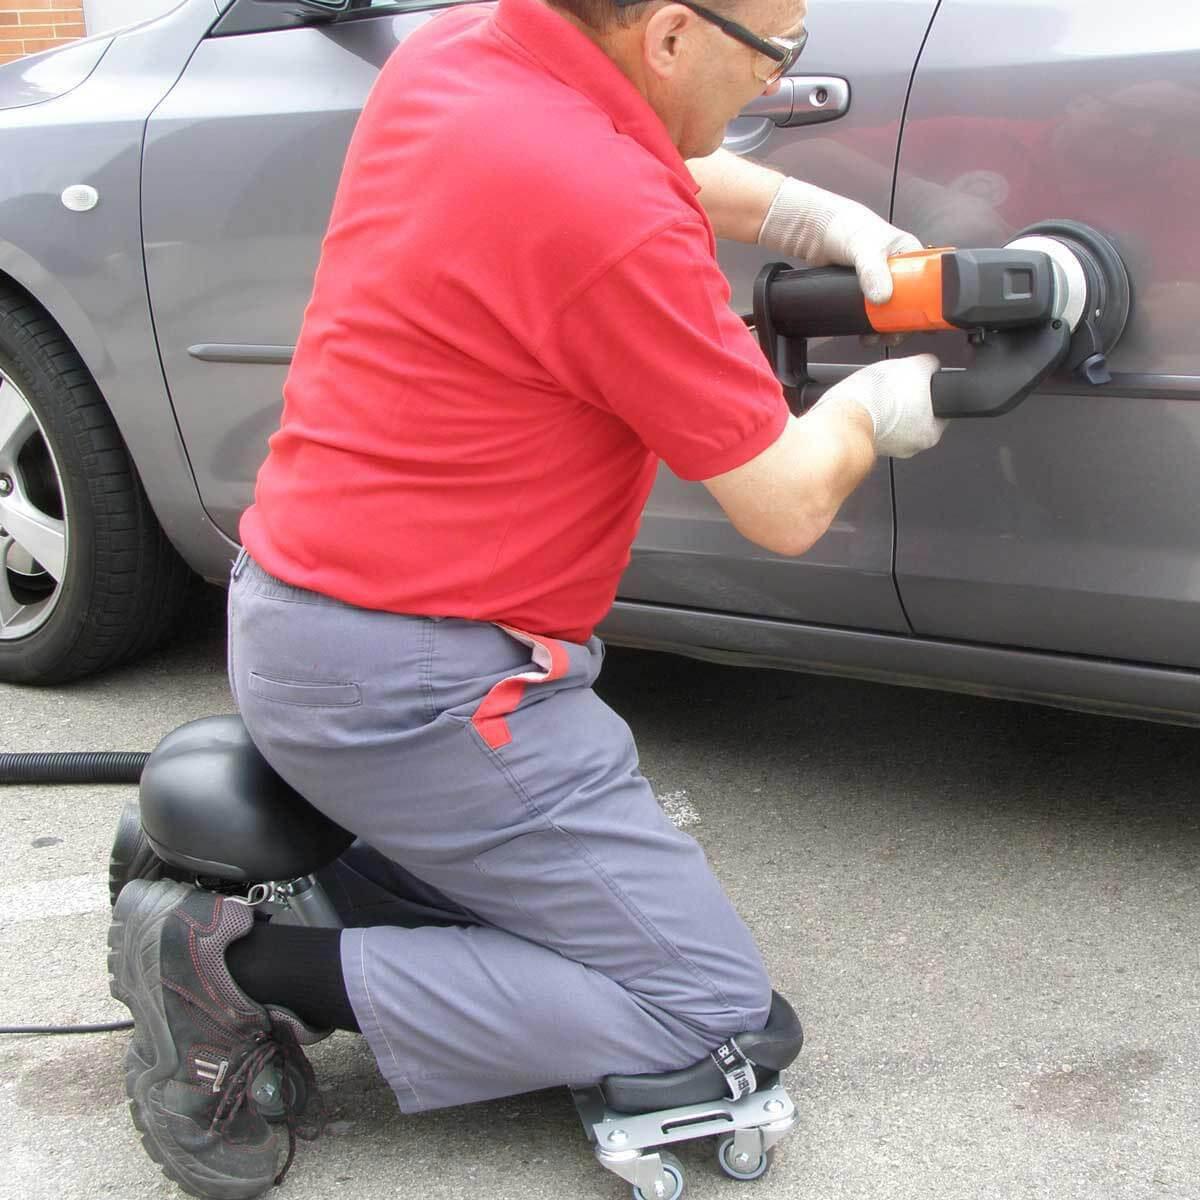 Rubi SR1 Knee Roller For Car